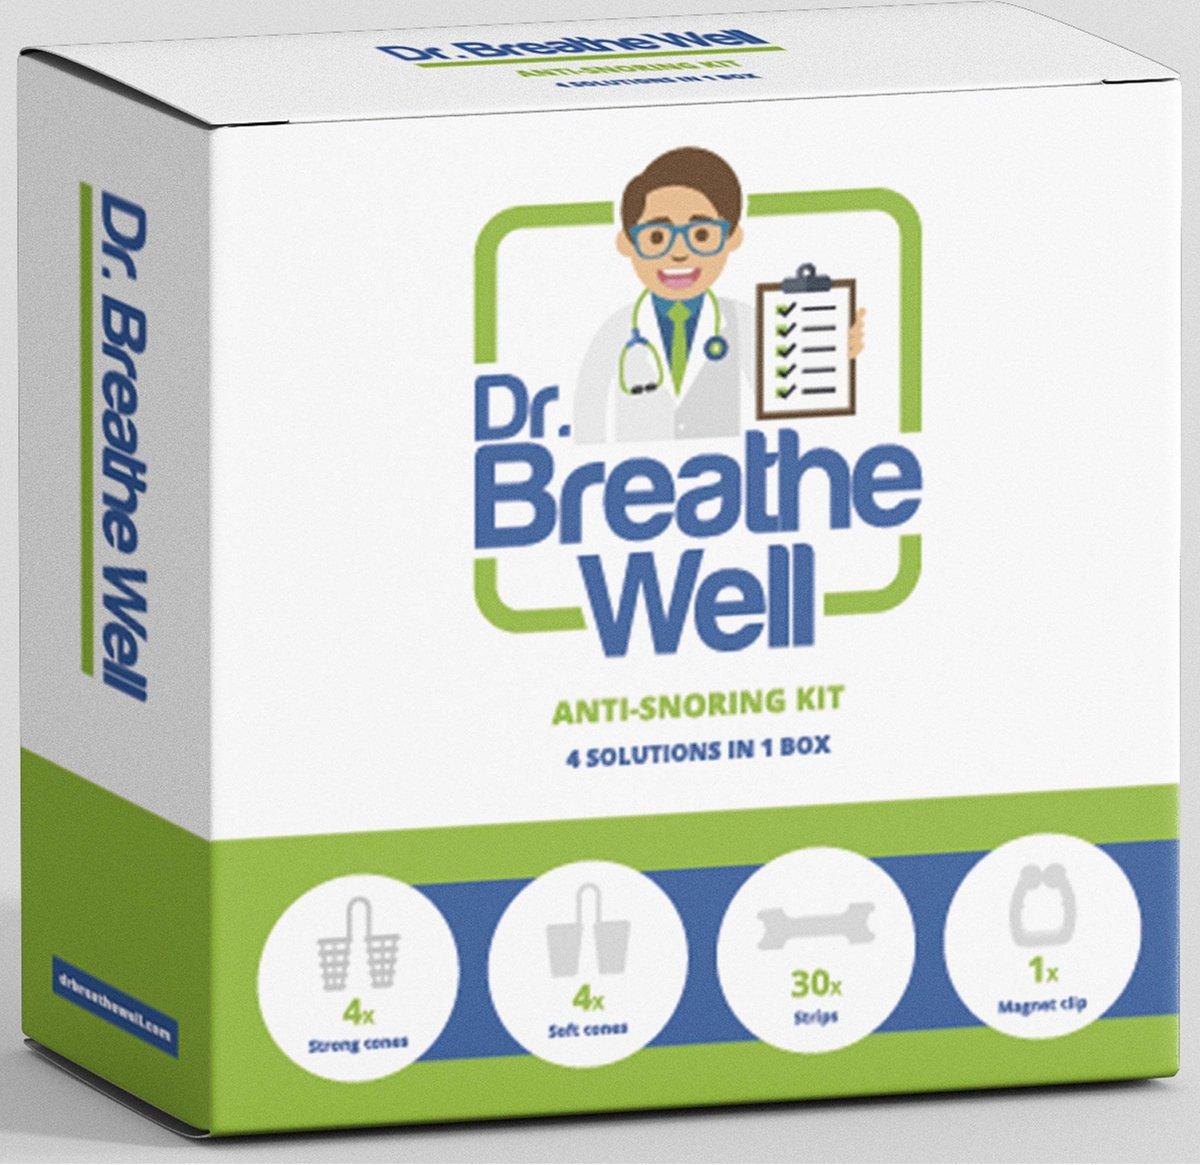 Dr. Breathe Well ™ - Compleet Anti Snurk Neusspreider Pakket -  4 oplossingen in 1 doos!